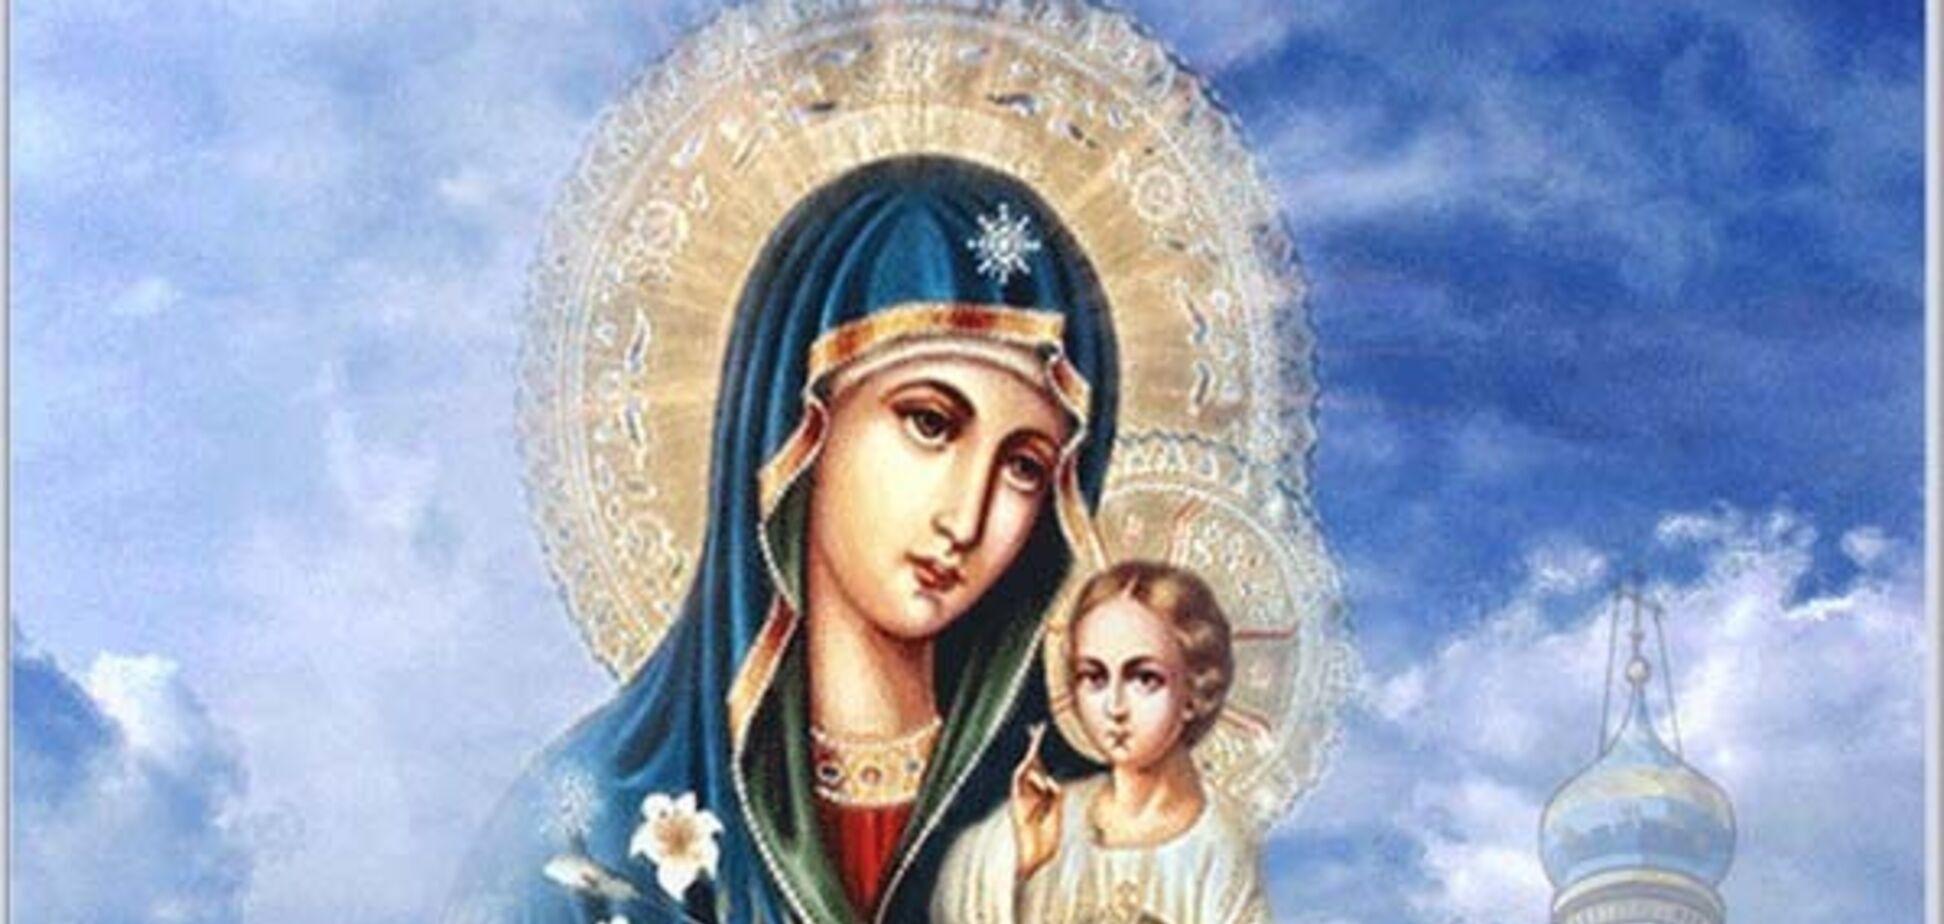 Успение Пресвятой Богородицы: самые яркие поздравления и открытки с праздником